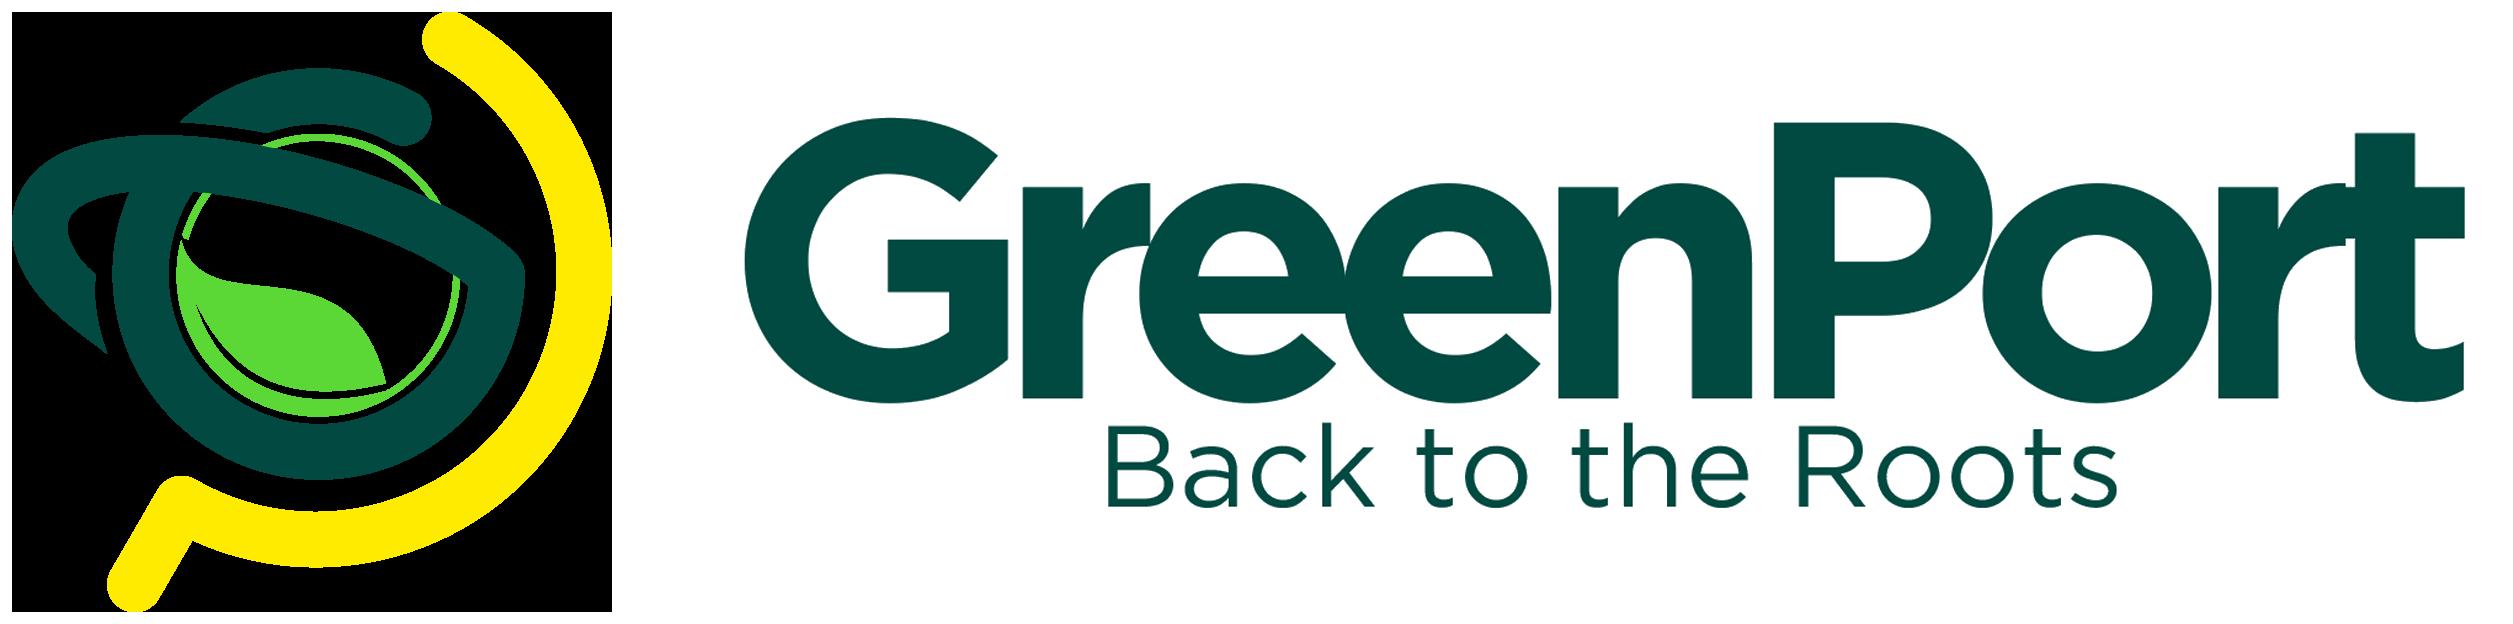 GreenPort | Grassroots Cannabis